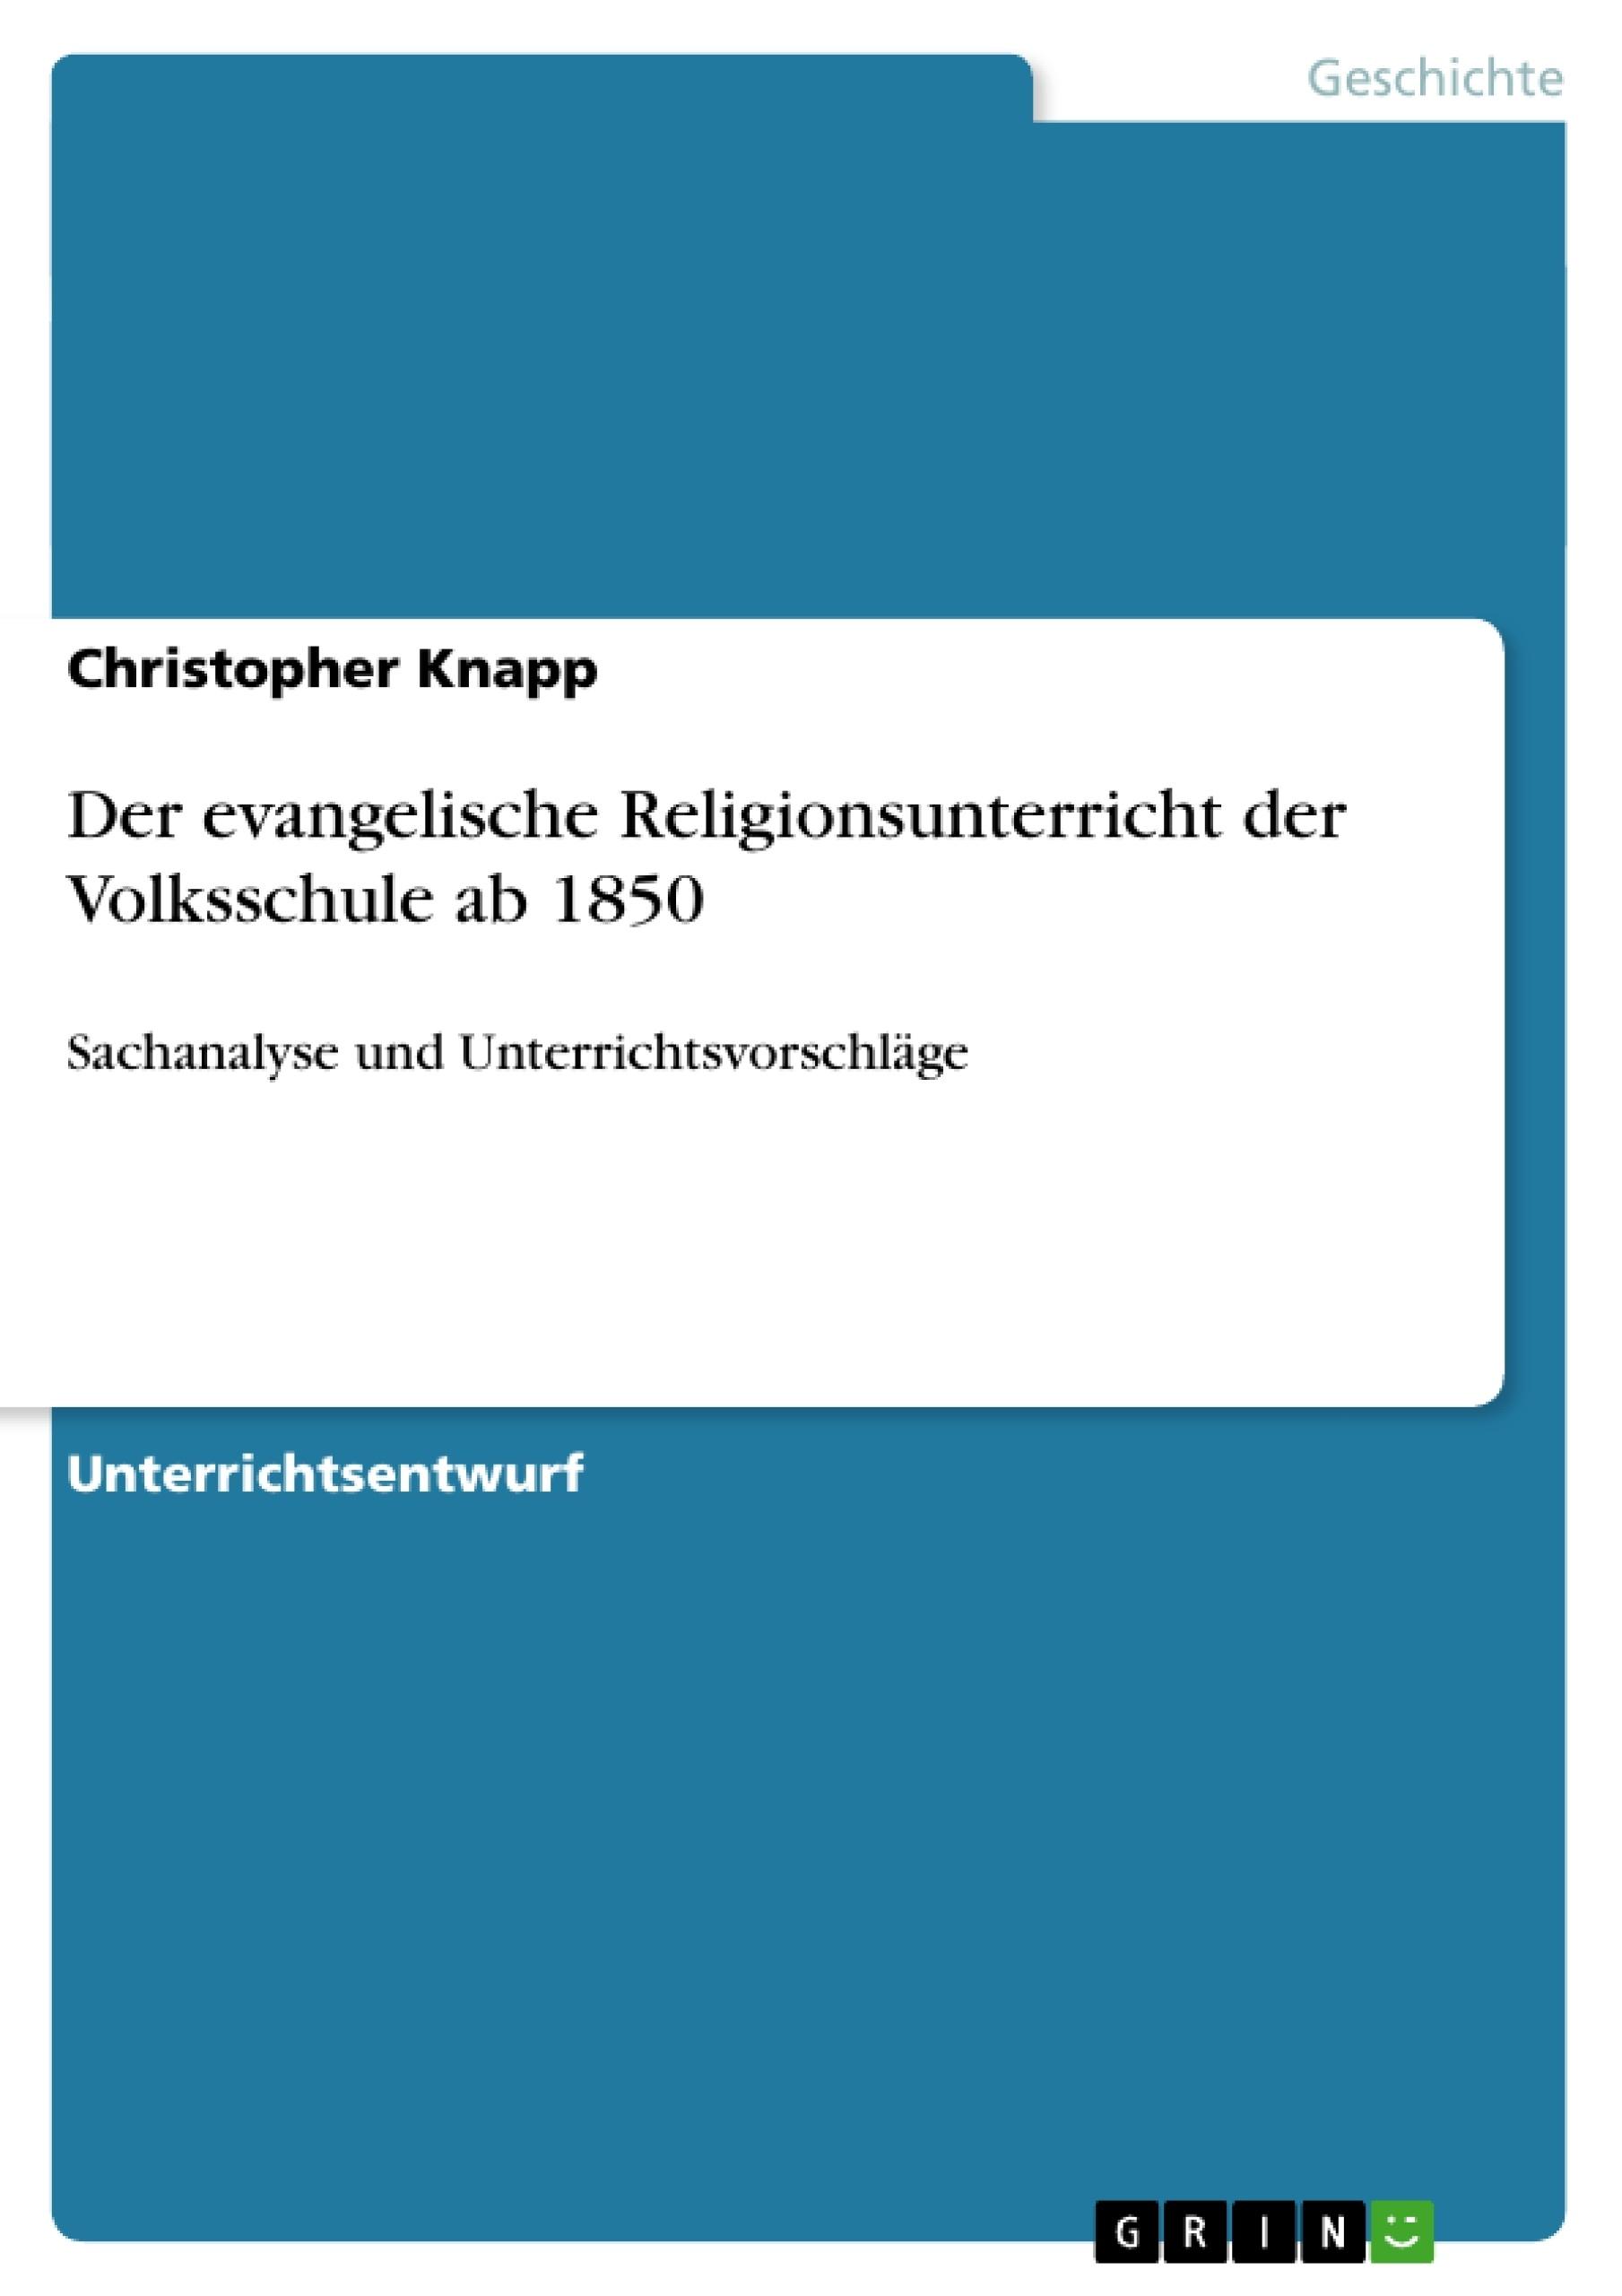 Titel: Der evangelische Religionsunterricht der Volksschule ab 1850